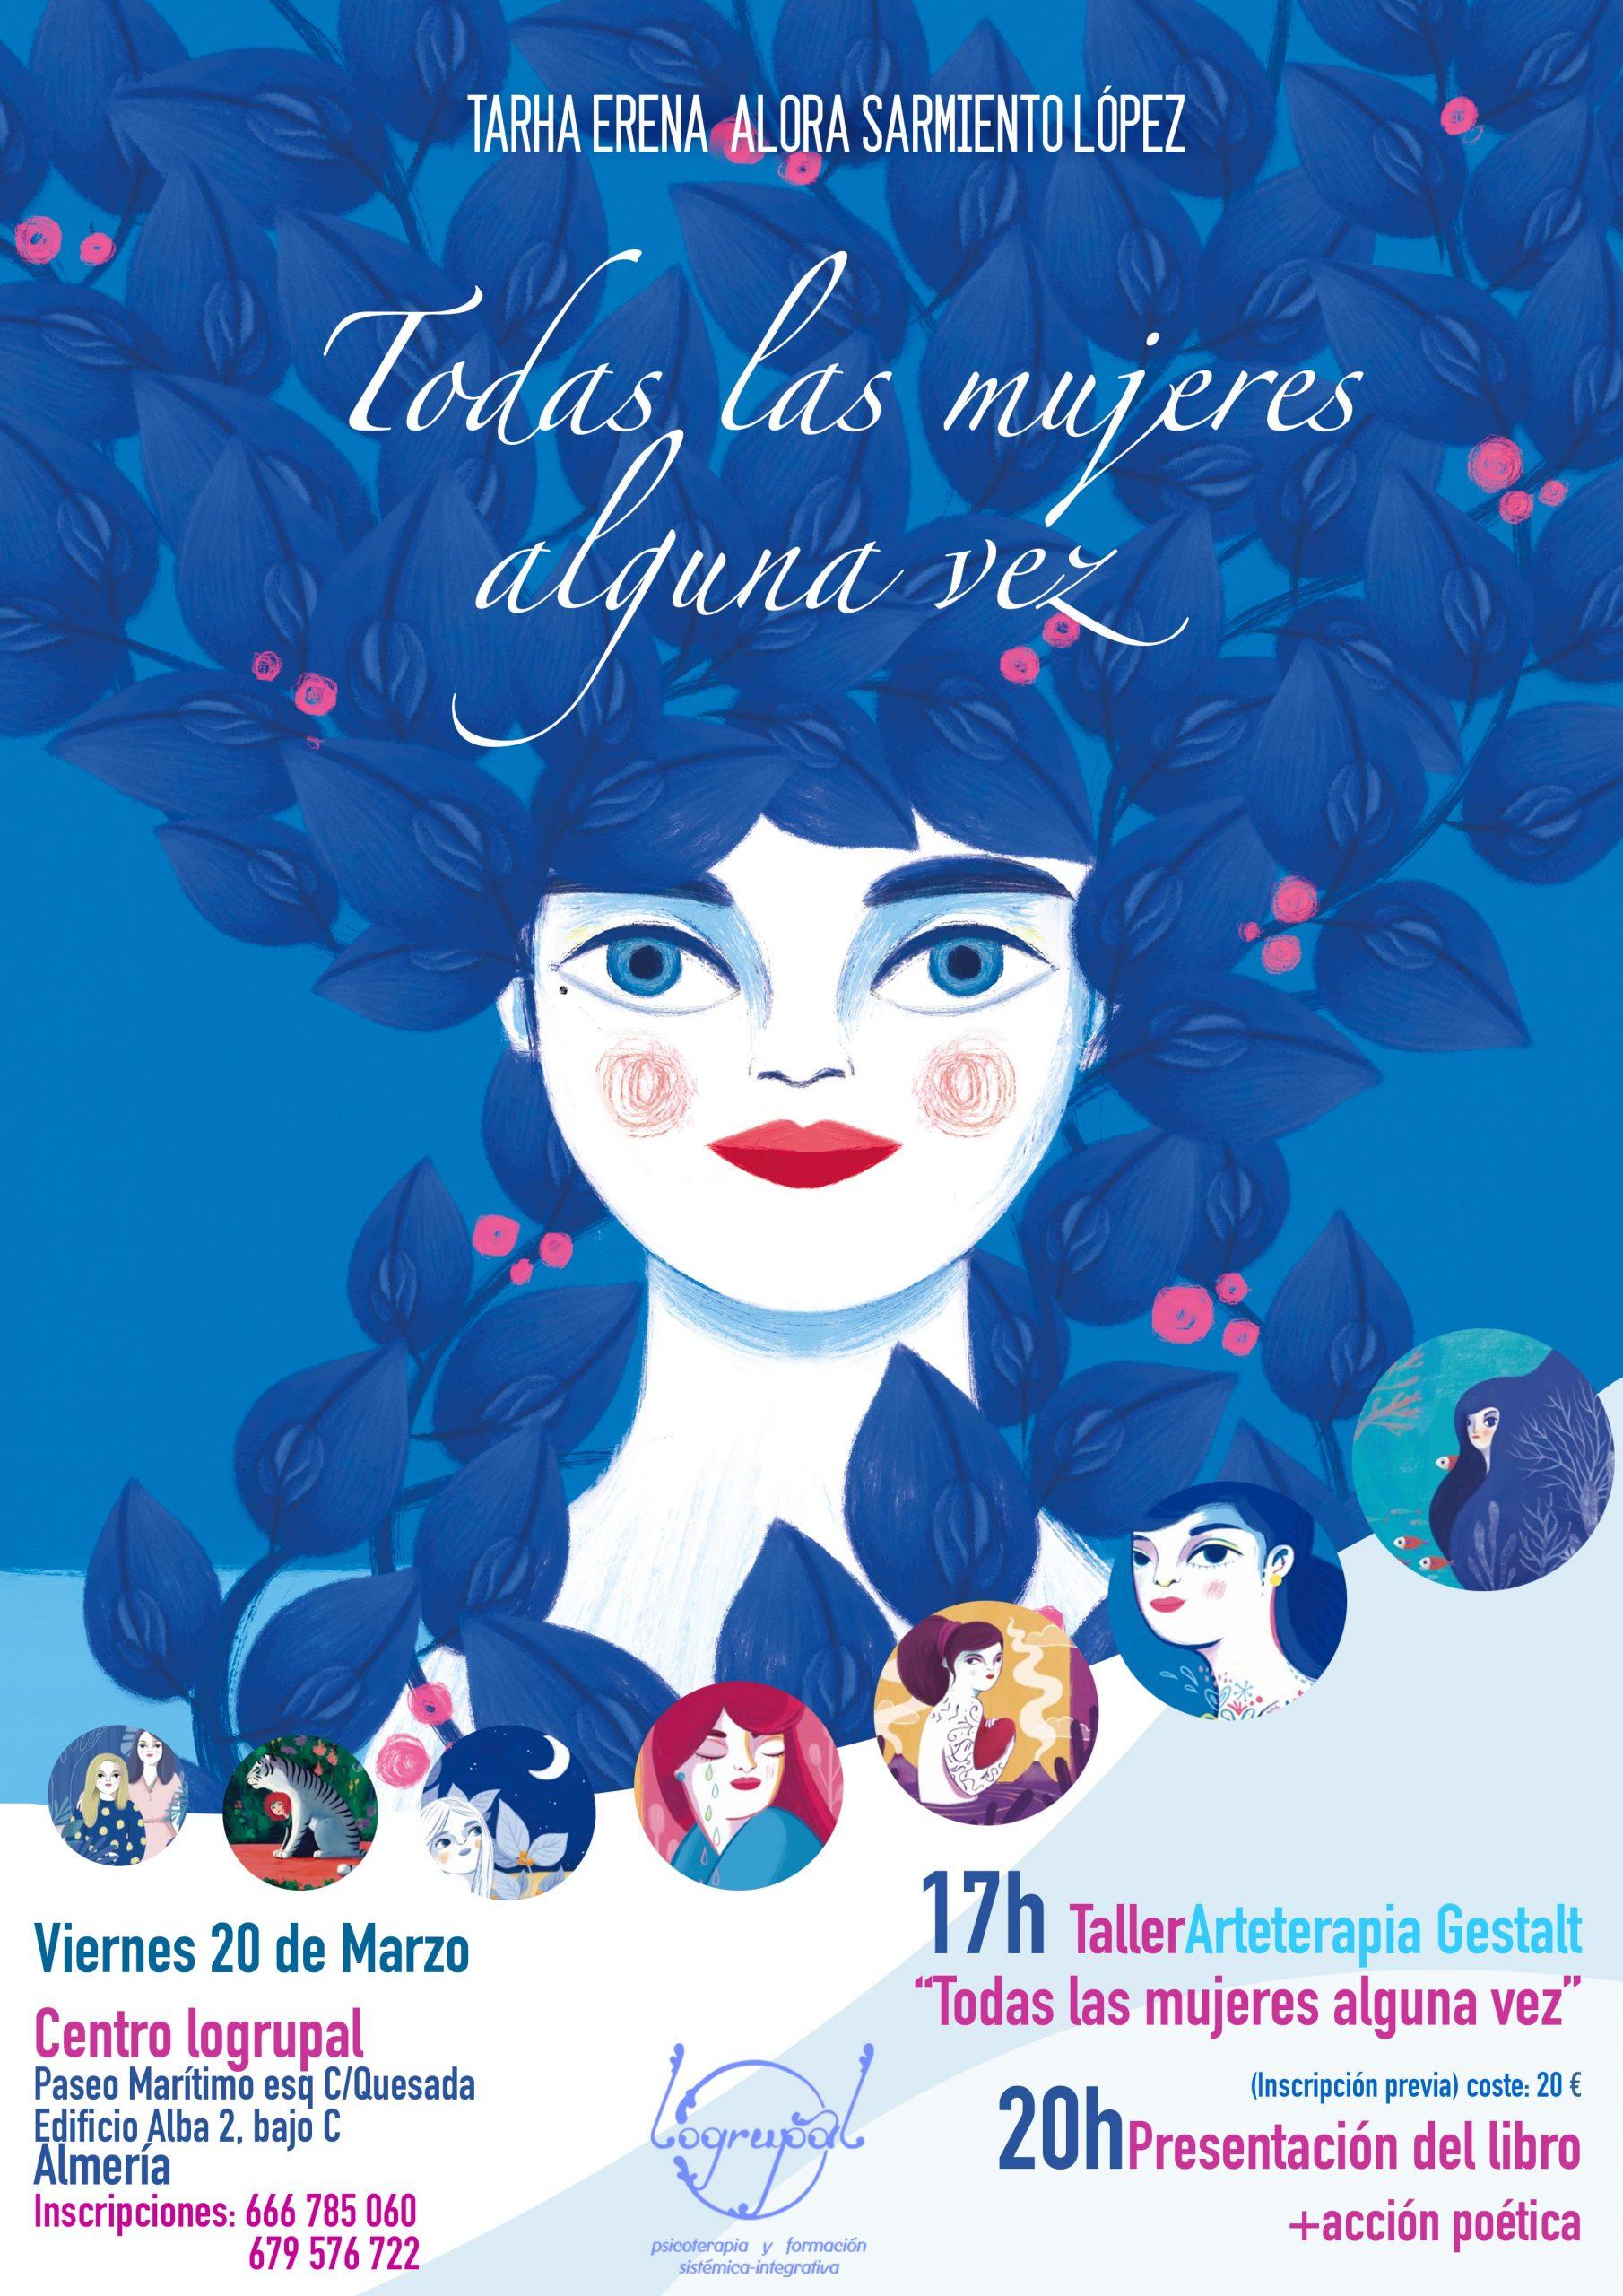 Todas las mujeres alguna vez (taller y presentación de libro de poemas de Tarha Erena Alora Sarmiento López) 20 de marzo